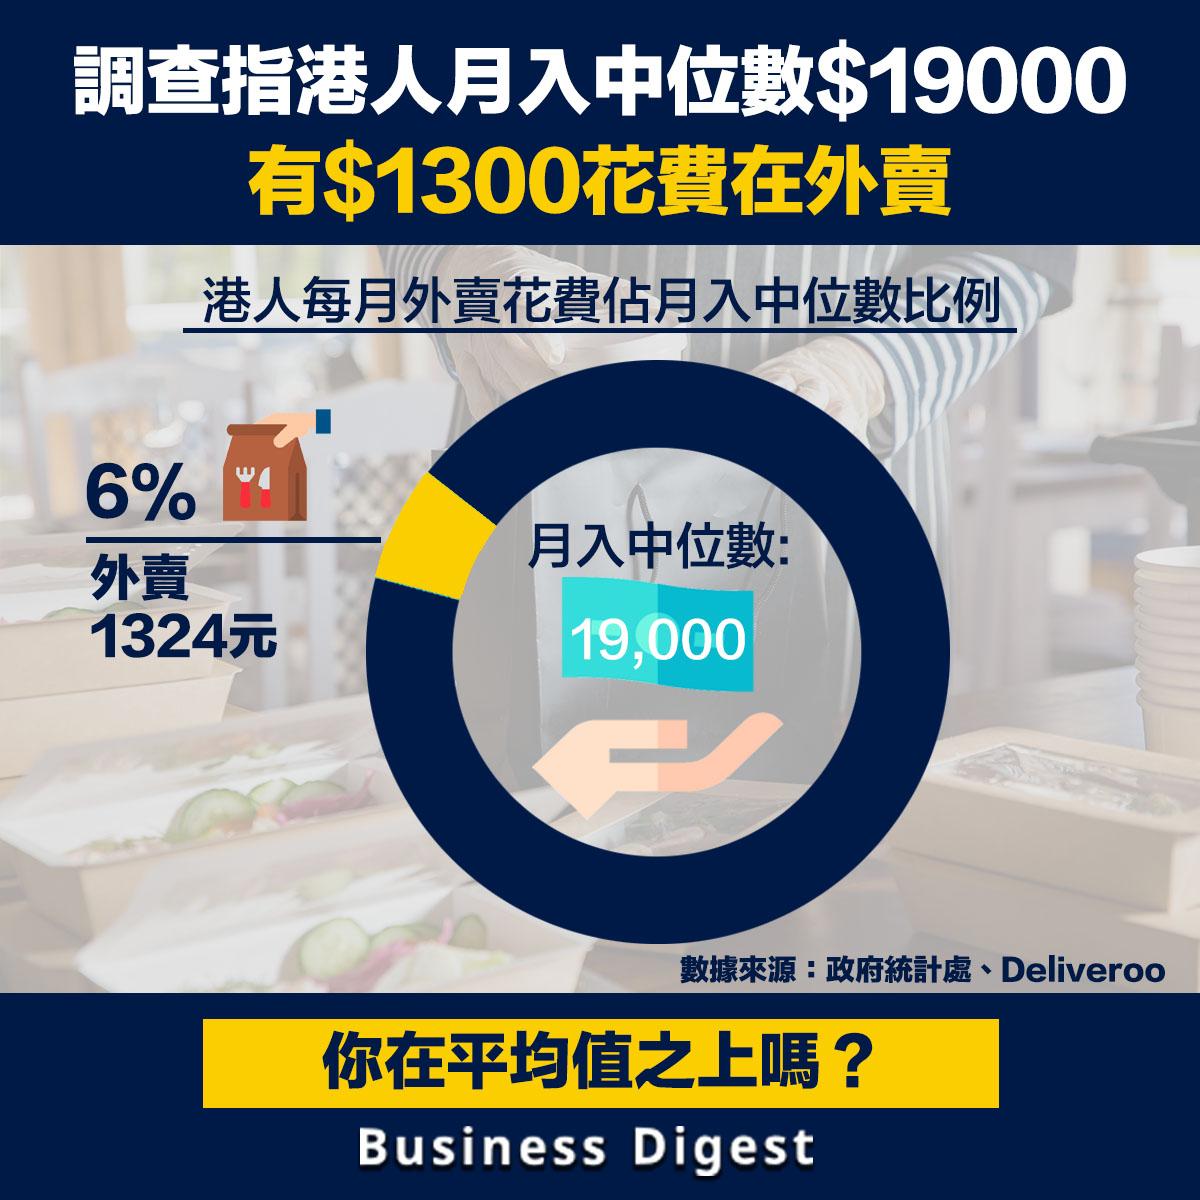 調查指港人月入中位數$19000,有$1300花費在外賣